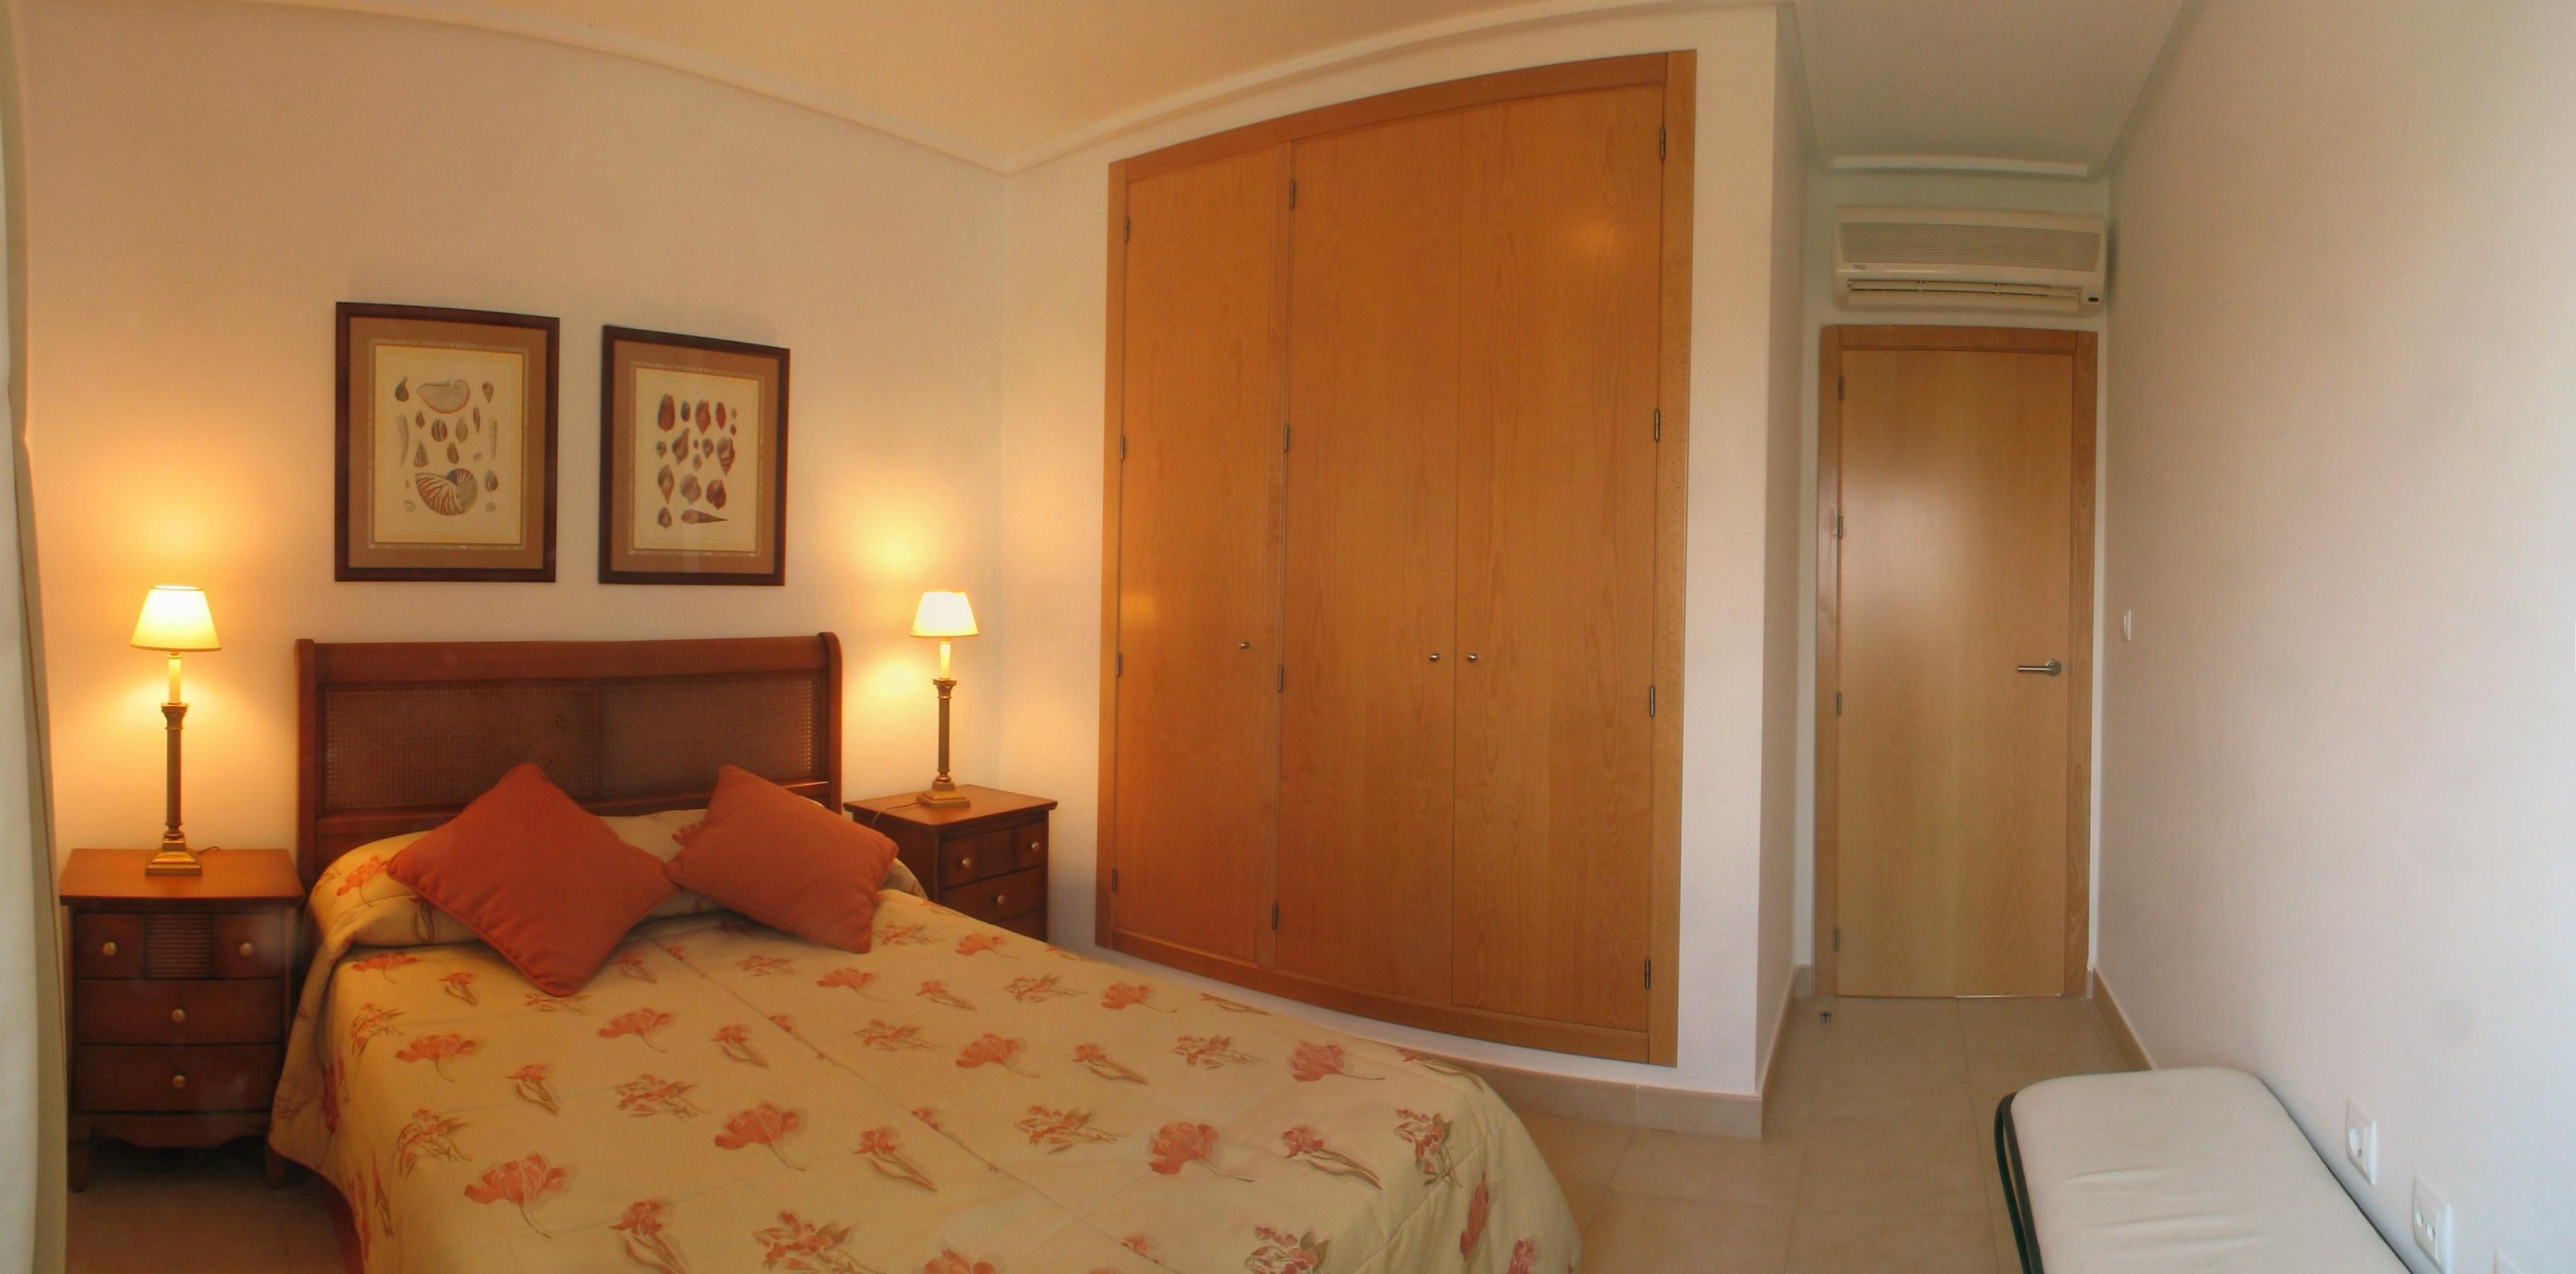 Golf spanien ferienwohnsitze h user schlafzimmer - Panoramabild schlafzimmer ...